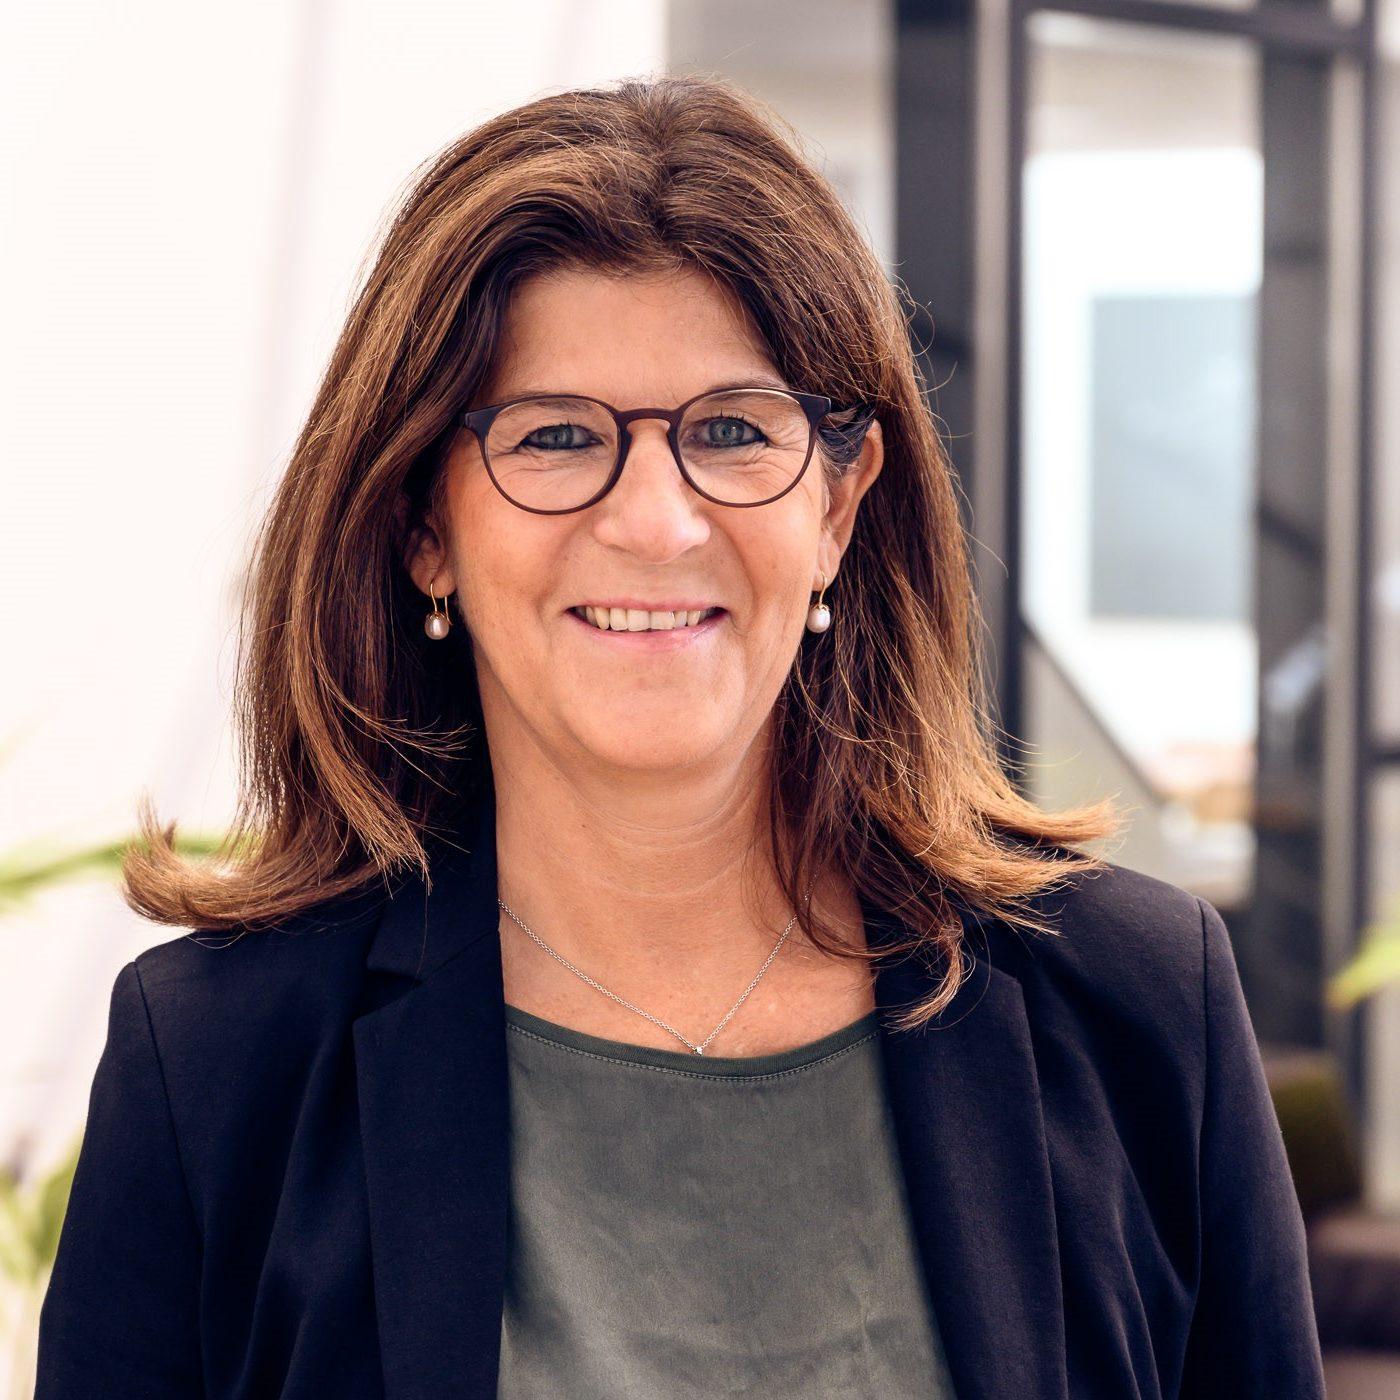 Susanne Heldens